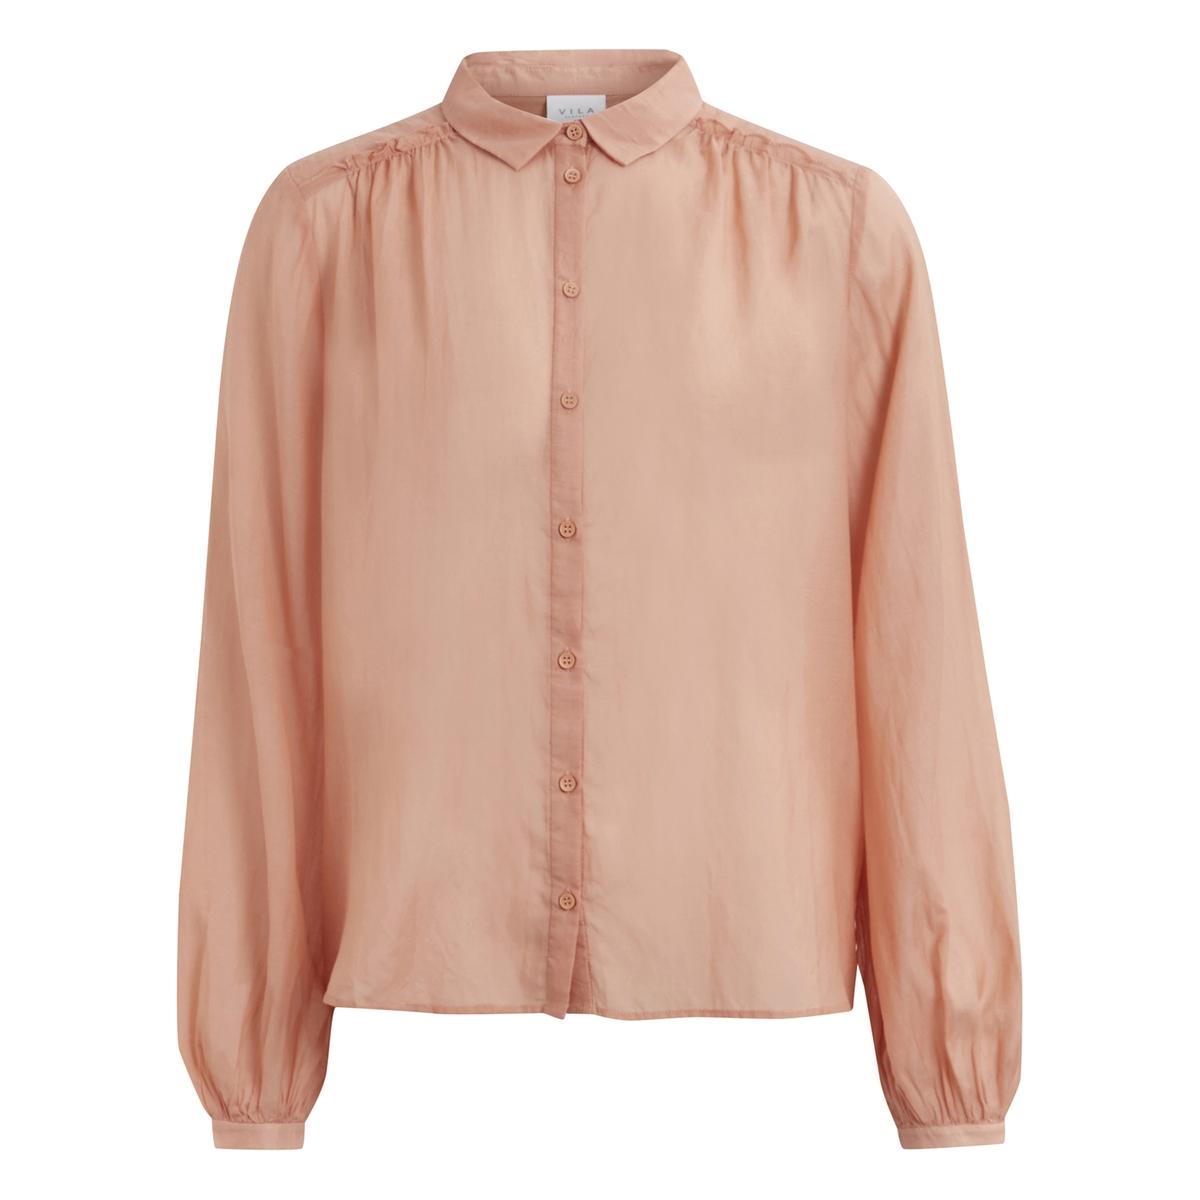 Рубашка из вуали VIPOPULAR L/S SHIRTРубашка  VIPOPULAR L/S SHIRT от VILA . Рубашка из хлопковой вуали . Проймы с воланами . Рубашечный воротник со свободными уголками  . Застежка на пуговицы. Рукава с легким напуском на уровне манжет .Состав и описание :Материал : 100% хлопкаМарка : VILA.<br><br>Цвет: бледно-розовый<br>Размер: S